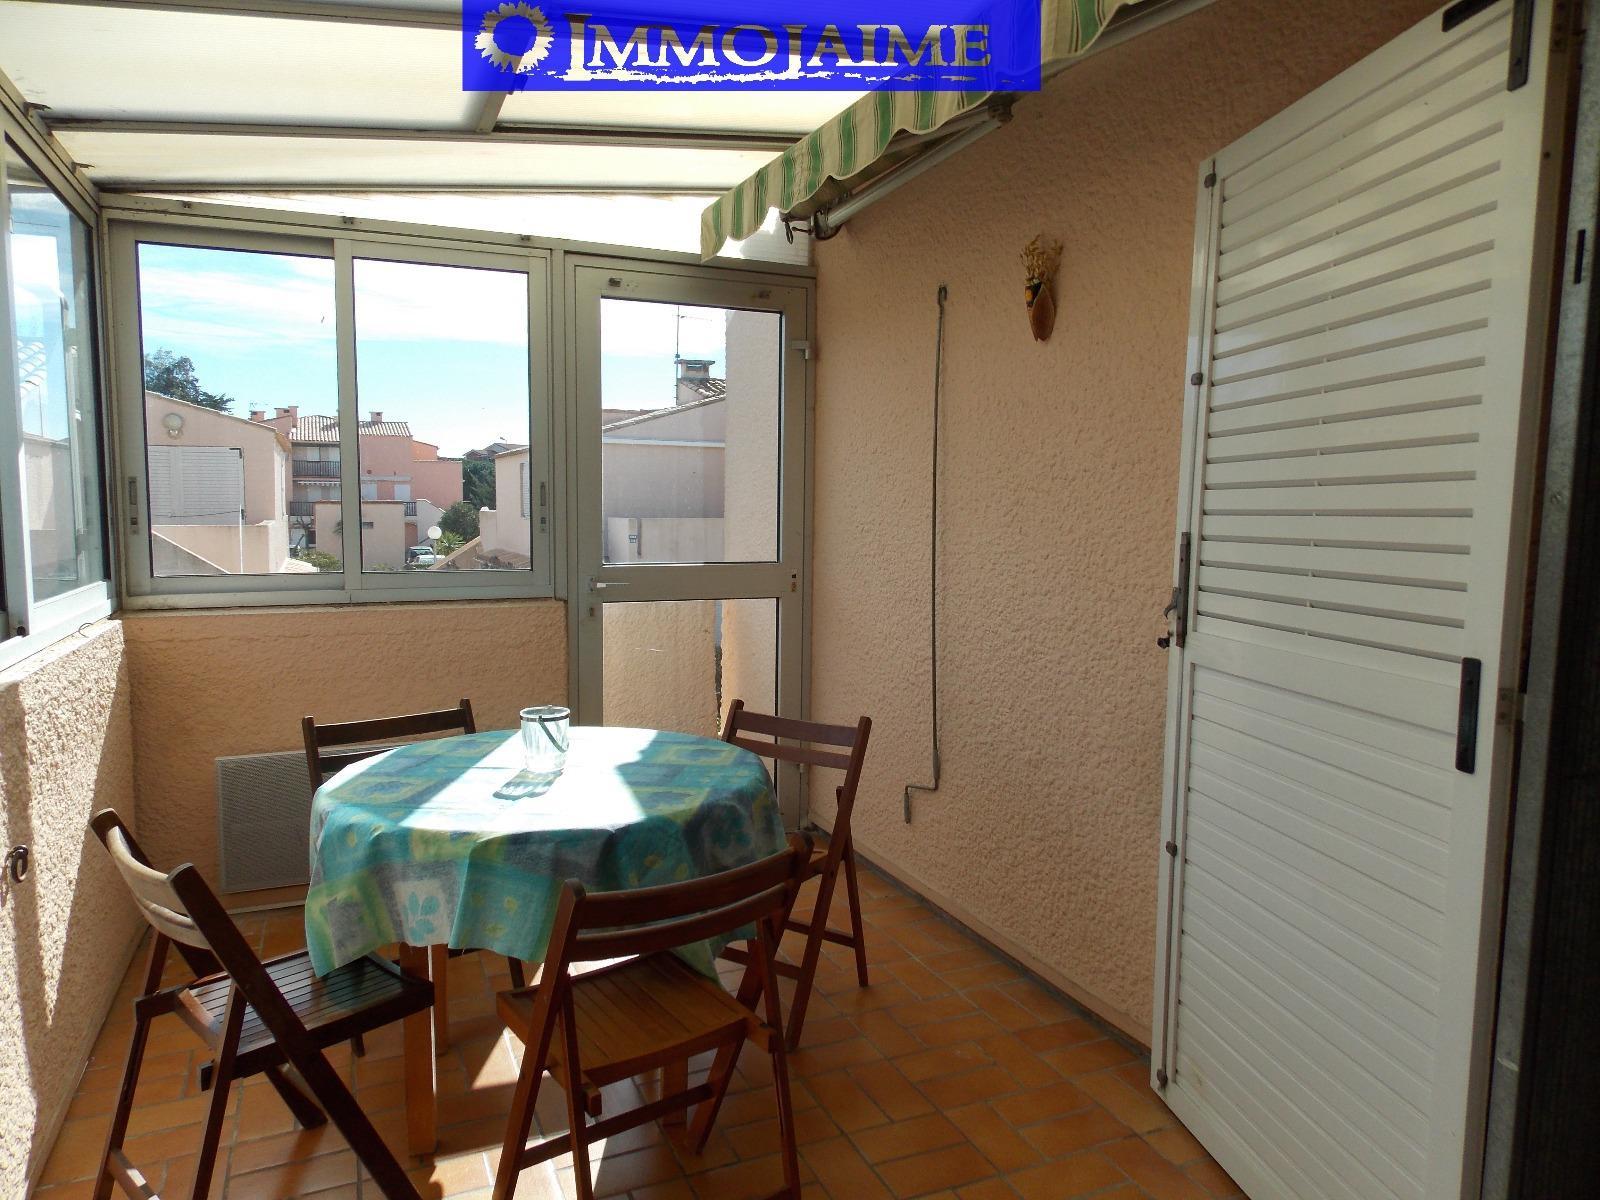 Vente appartement st cyprien , villas et maisons à st cyprien